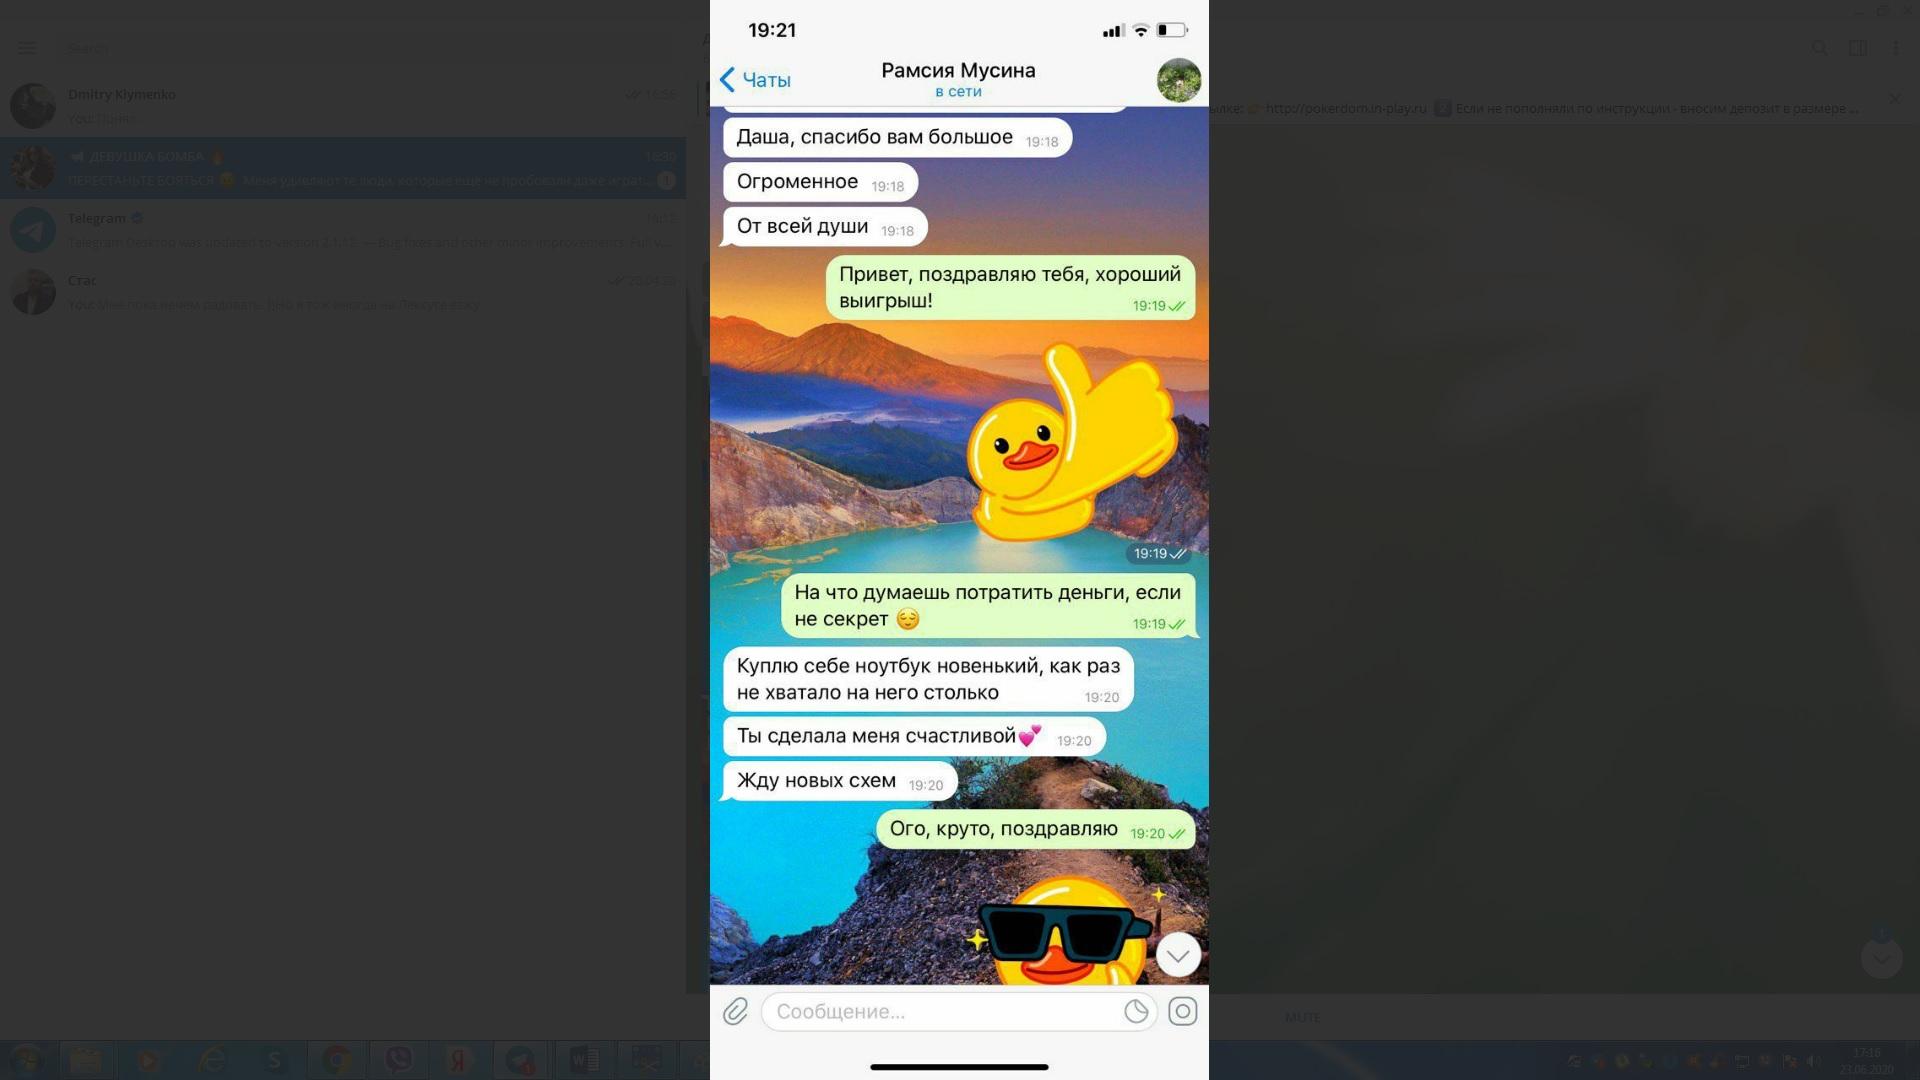 Скриншот диалога с победителем